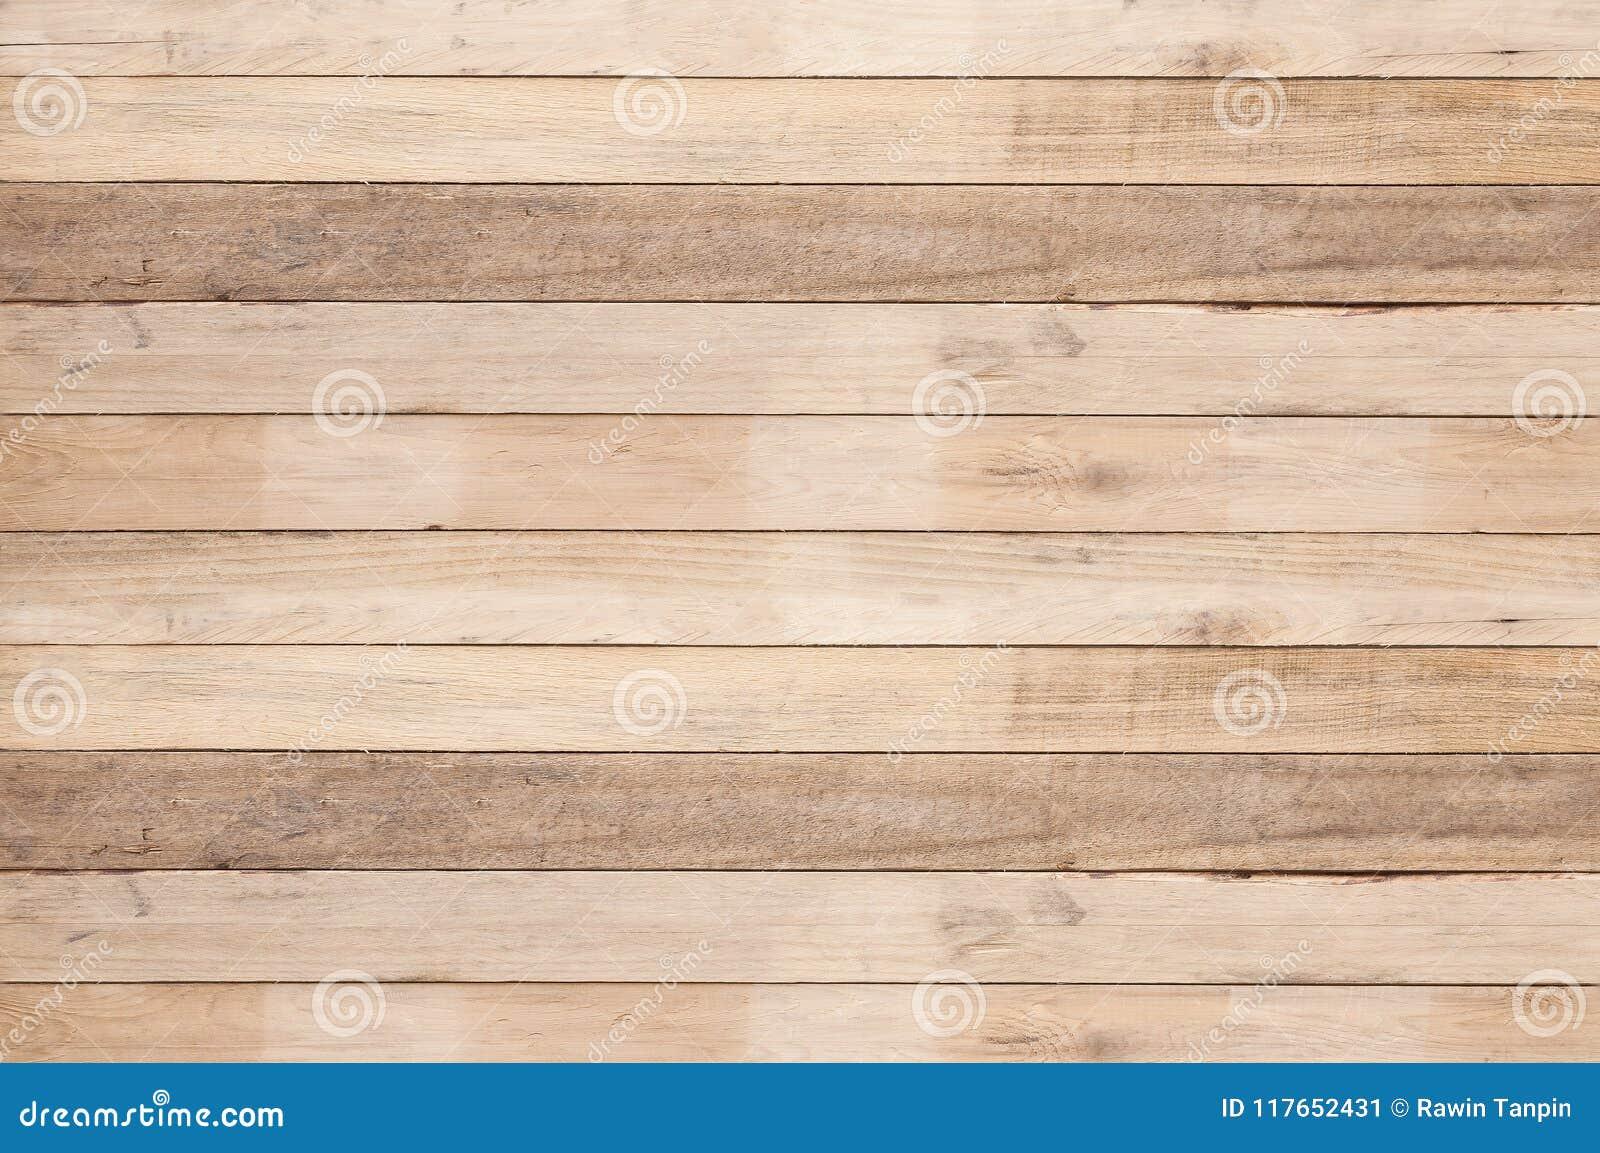 Stary drewniany deski ściany tło, Stary drewniany nierówny tekstura wzoru tło